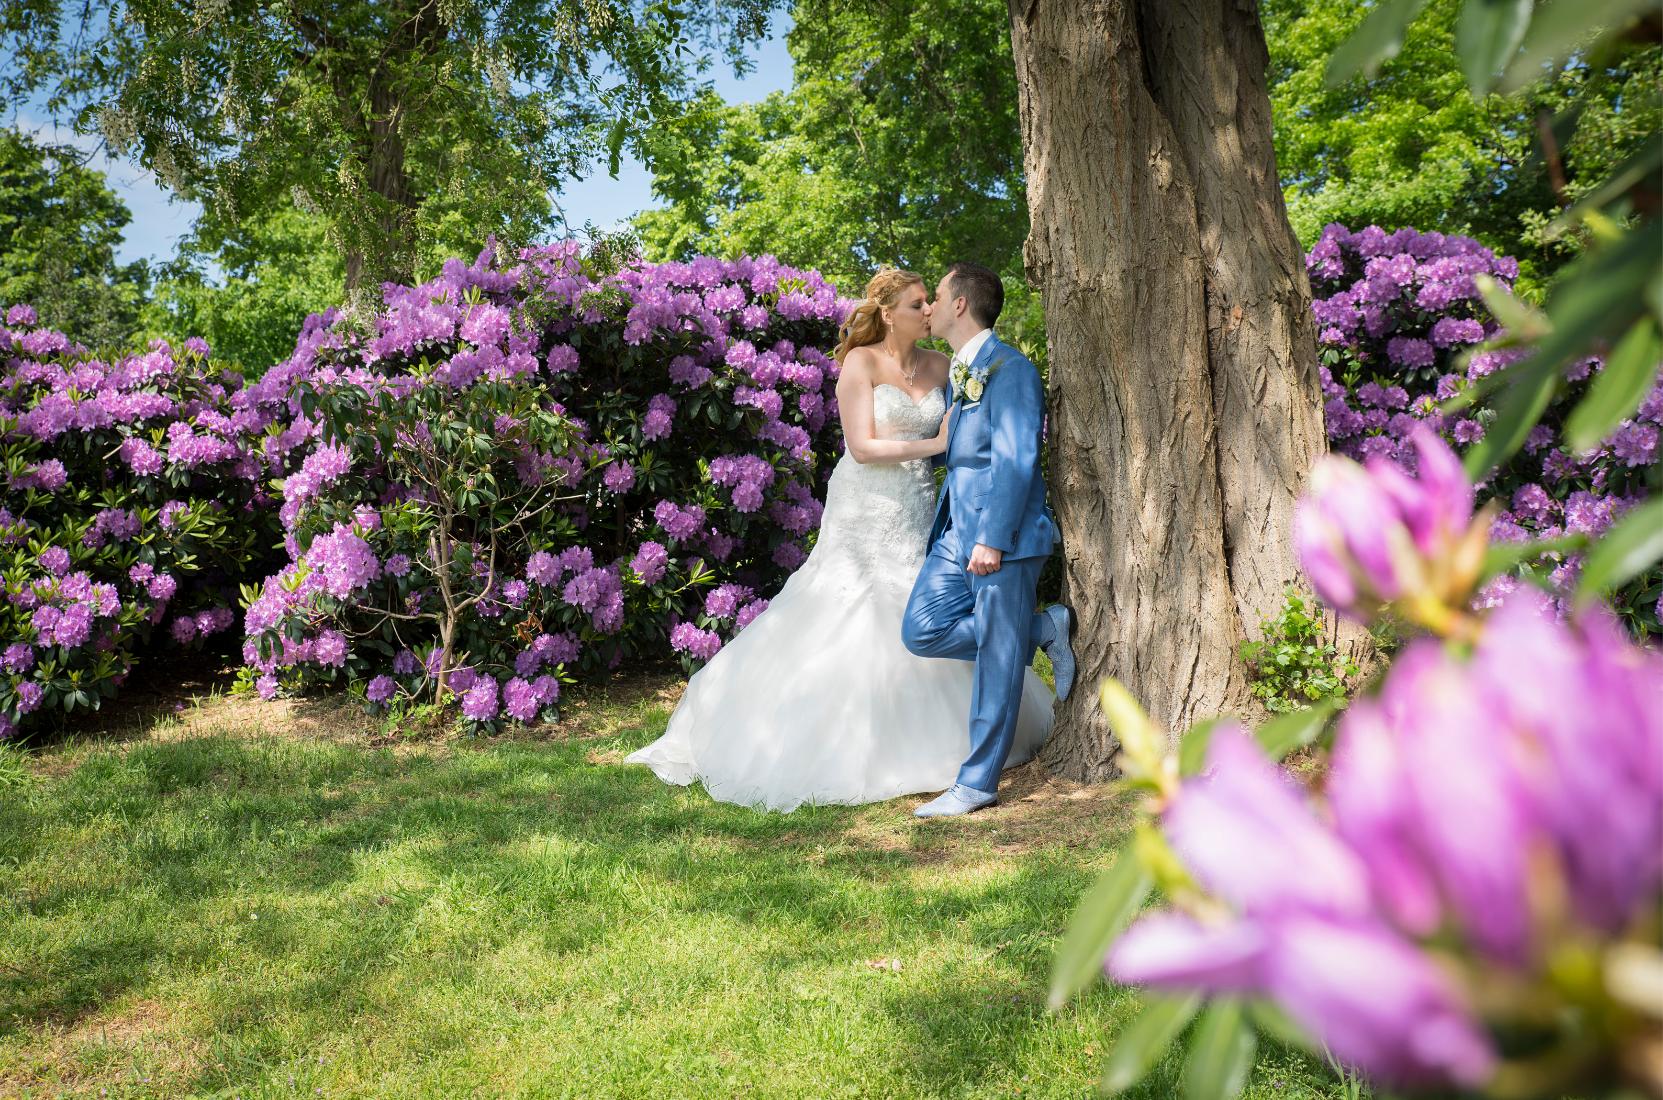 Bruidsrapportage Den Bosch kleurrijk met bloemen bij een boom door Fotostudio Difa Den Bosch